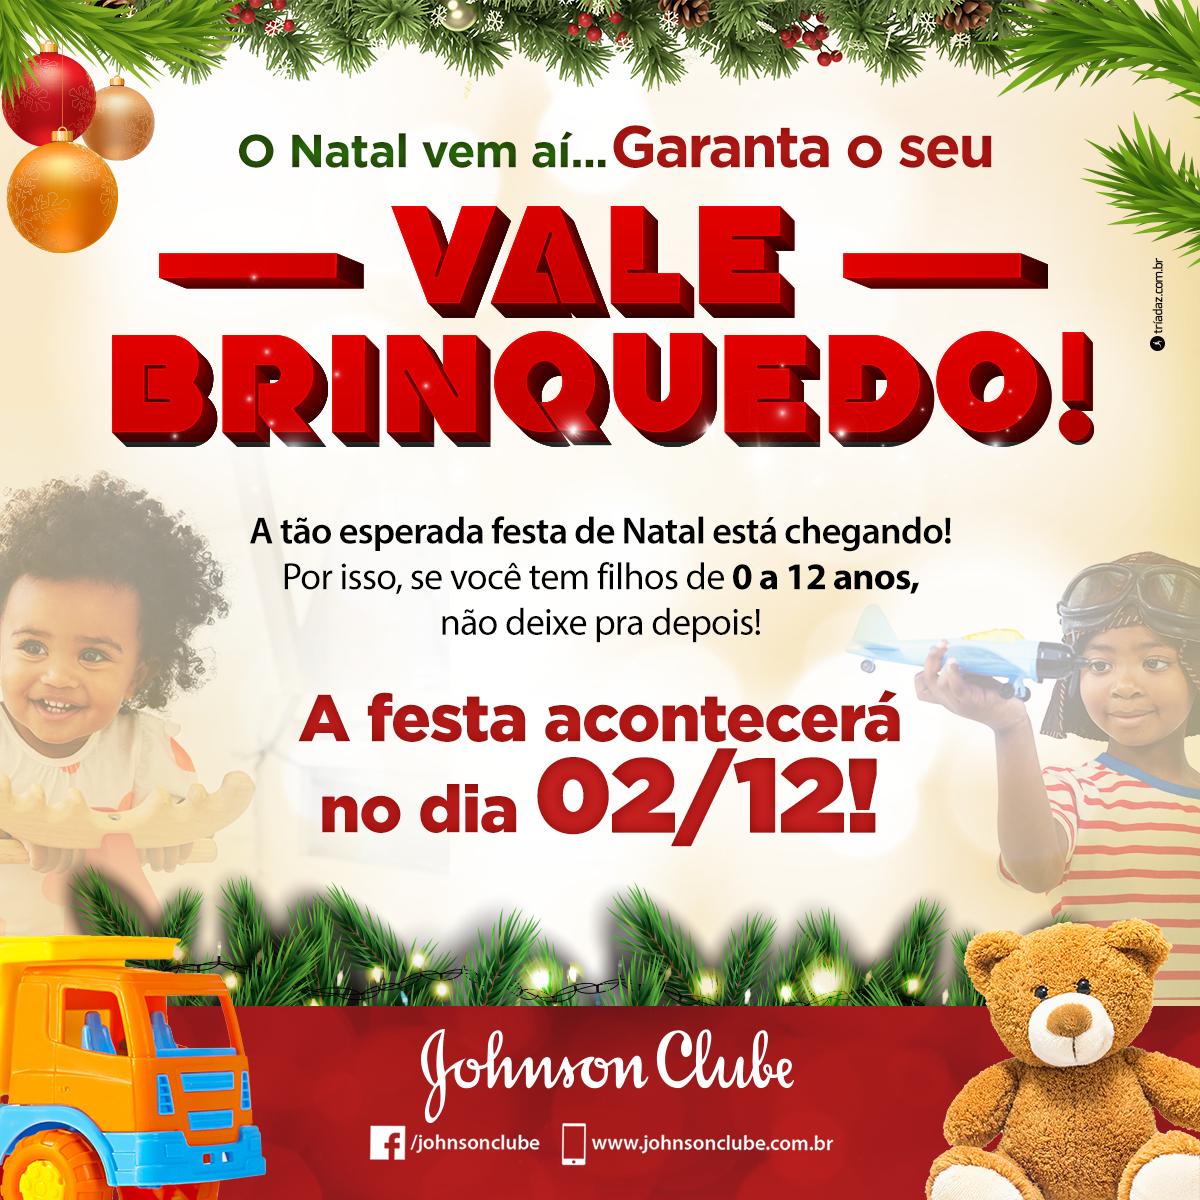 O Natal vem aí, garanta seu Vale Brinquedo!